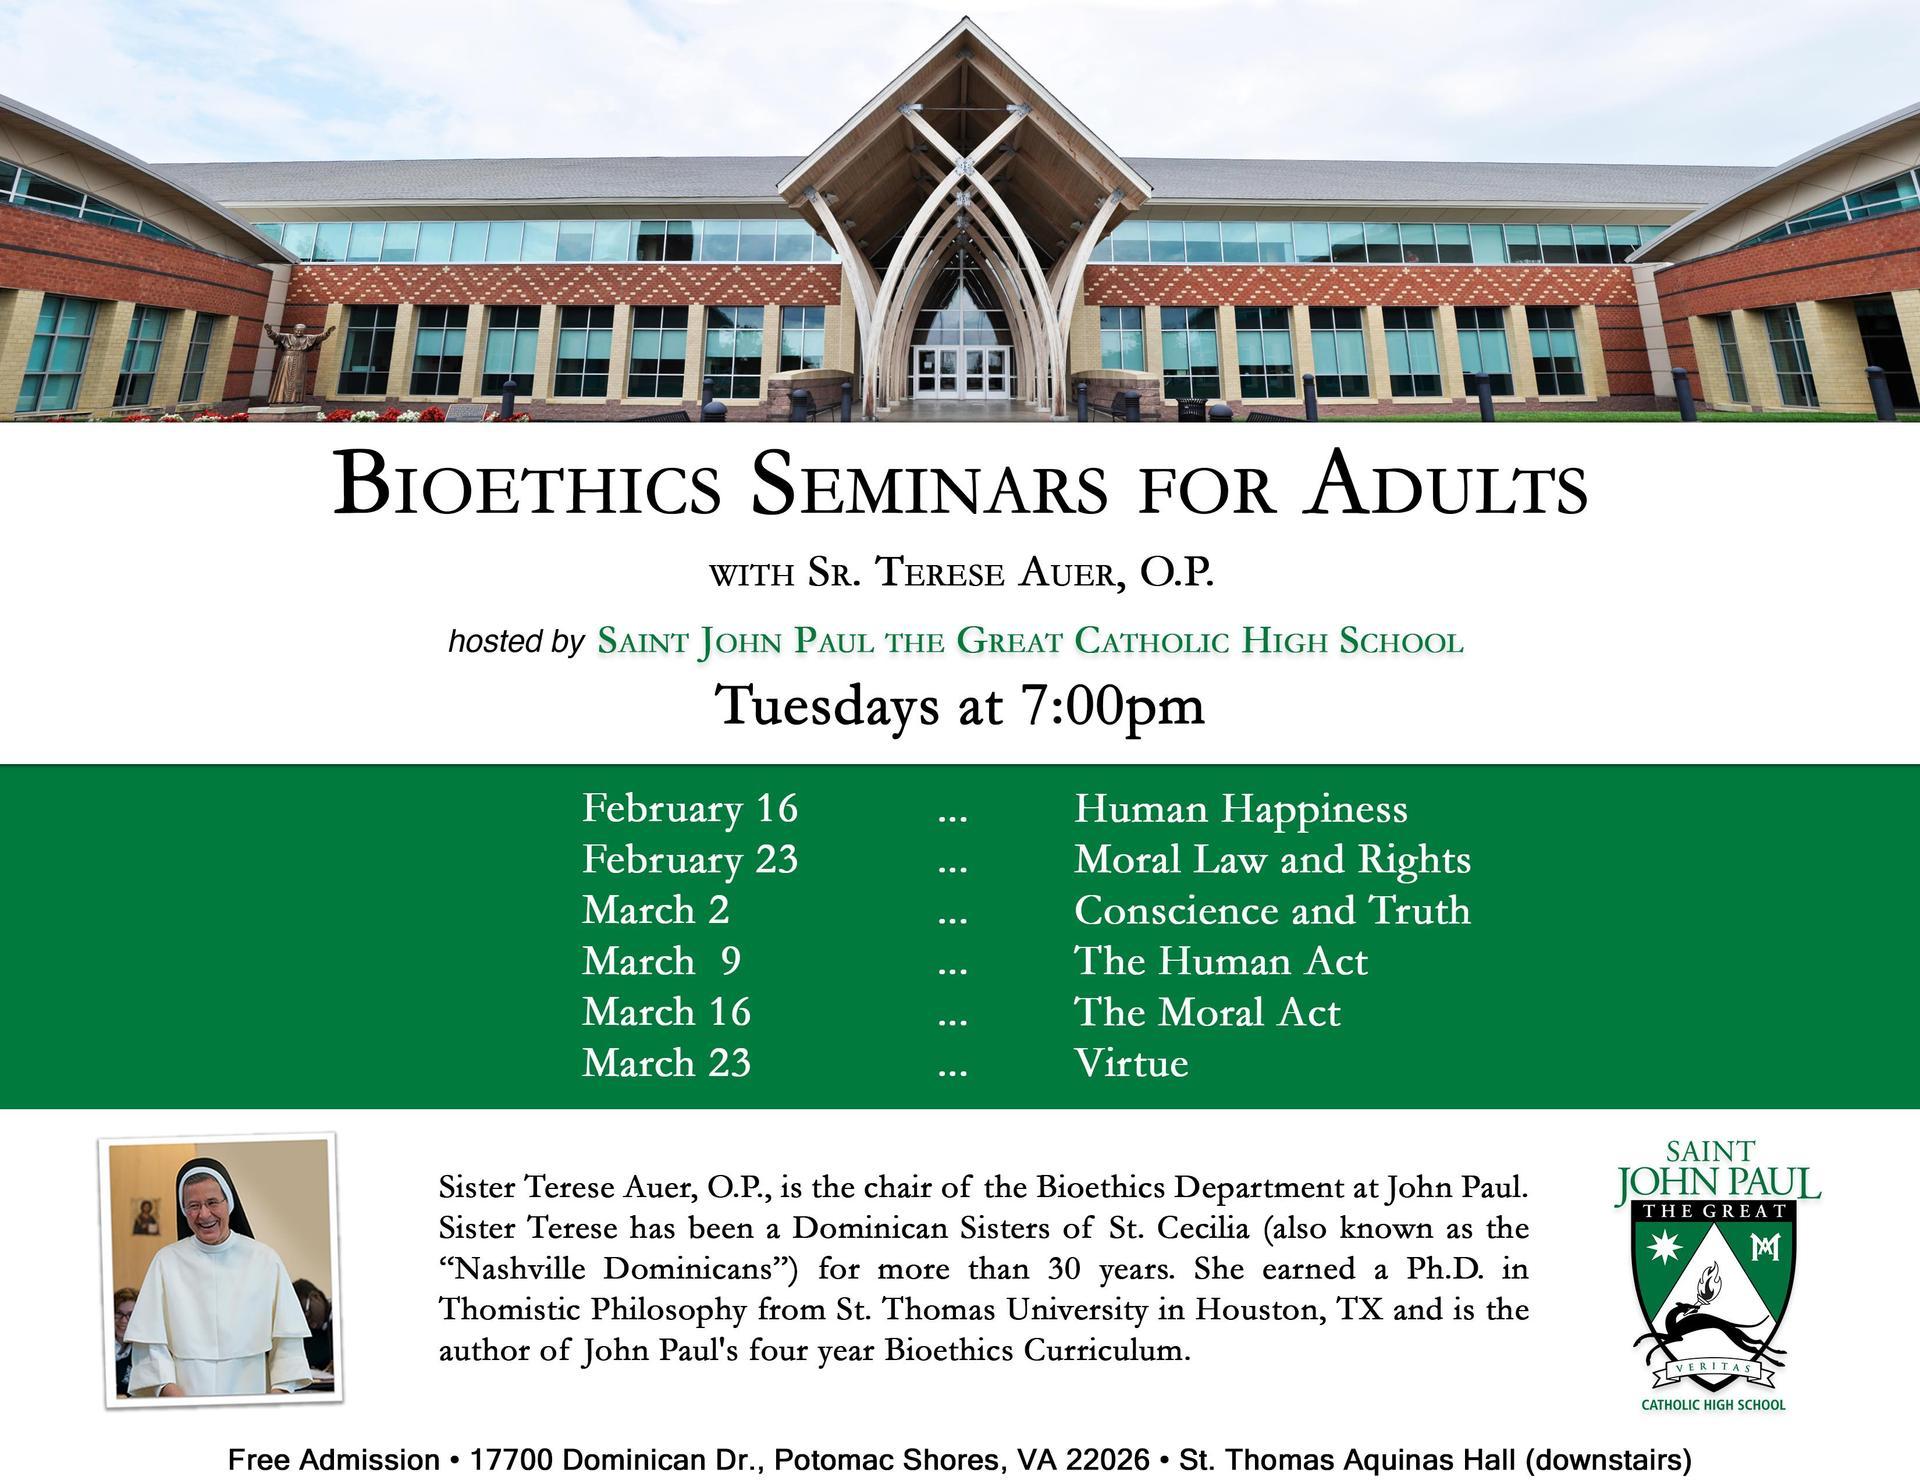 Bioethics Seminar